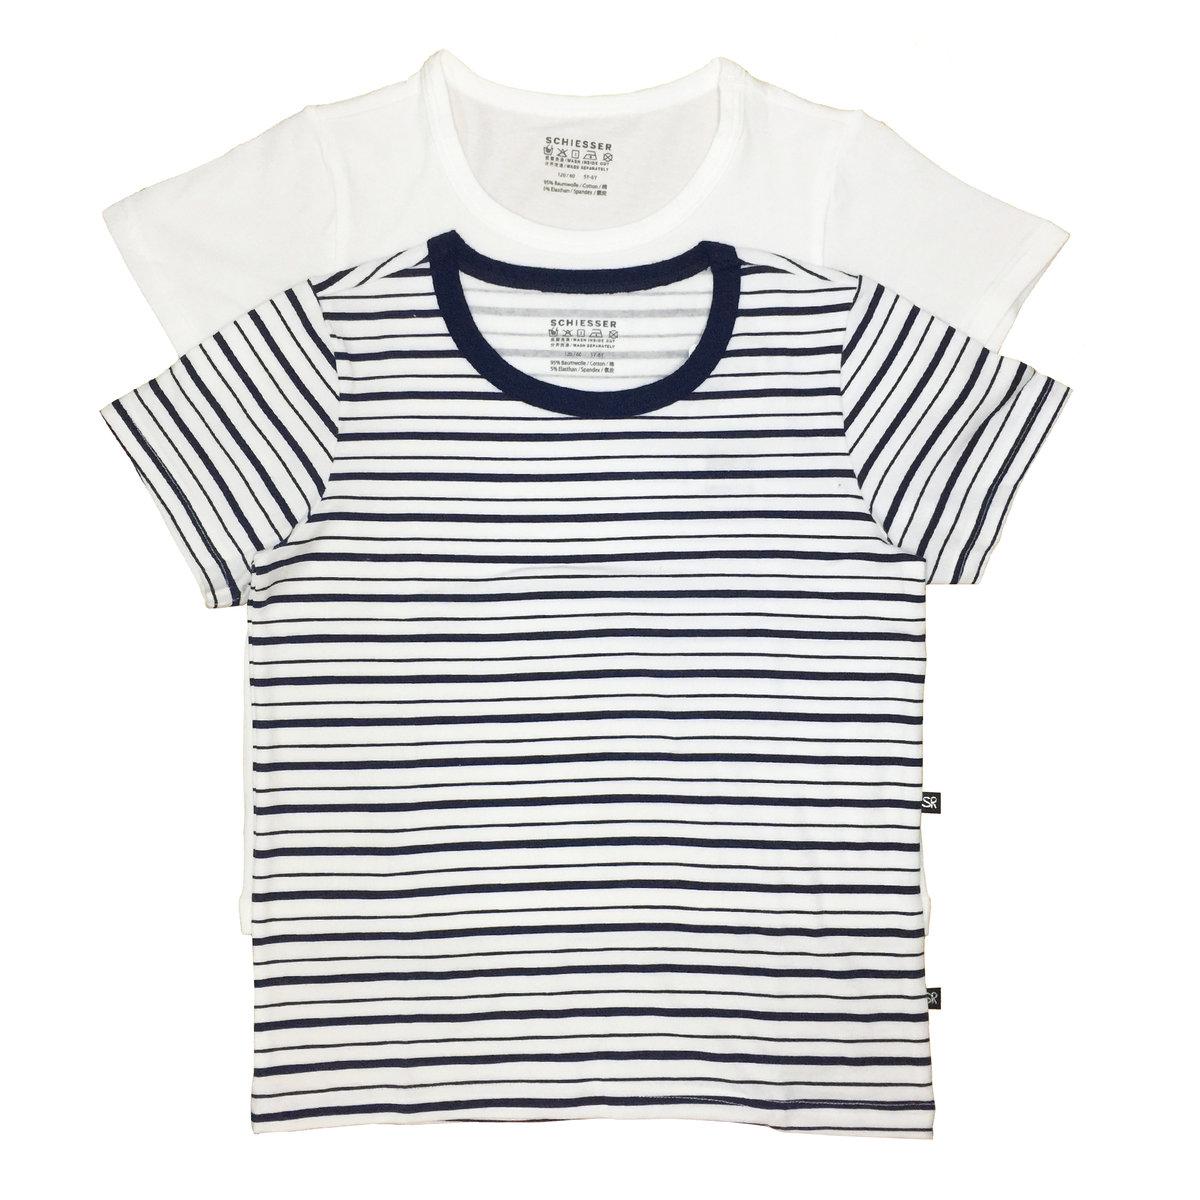 95/5 Boy's Cotton Round-Neck T-Shirt